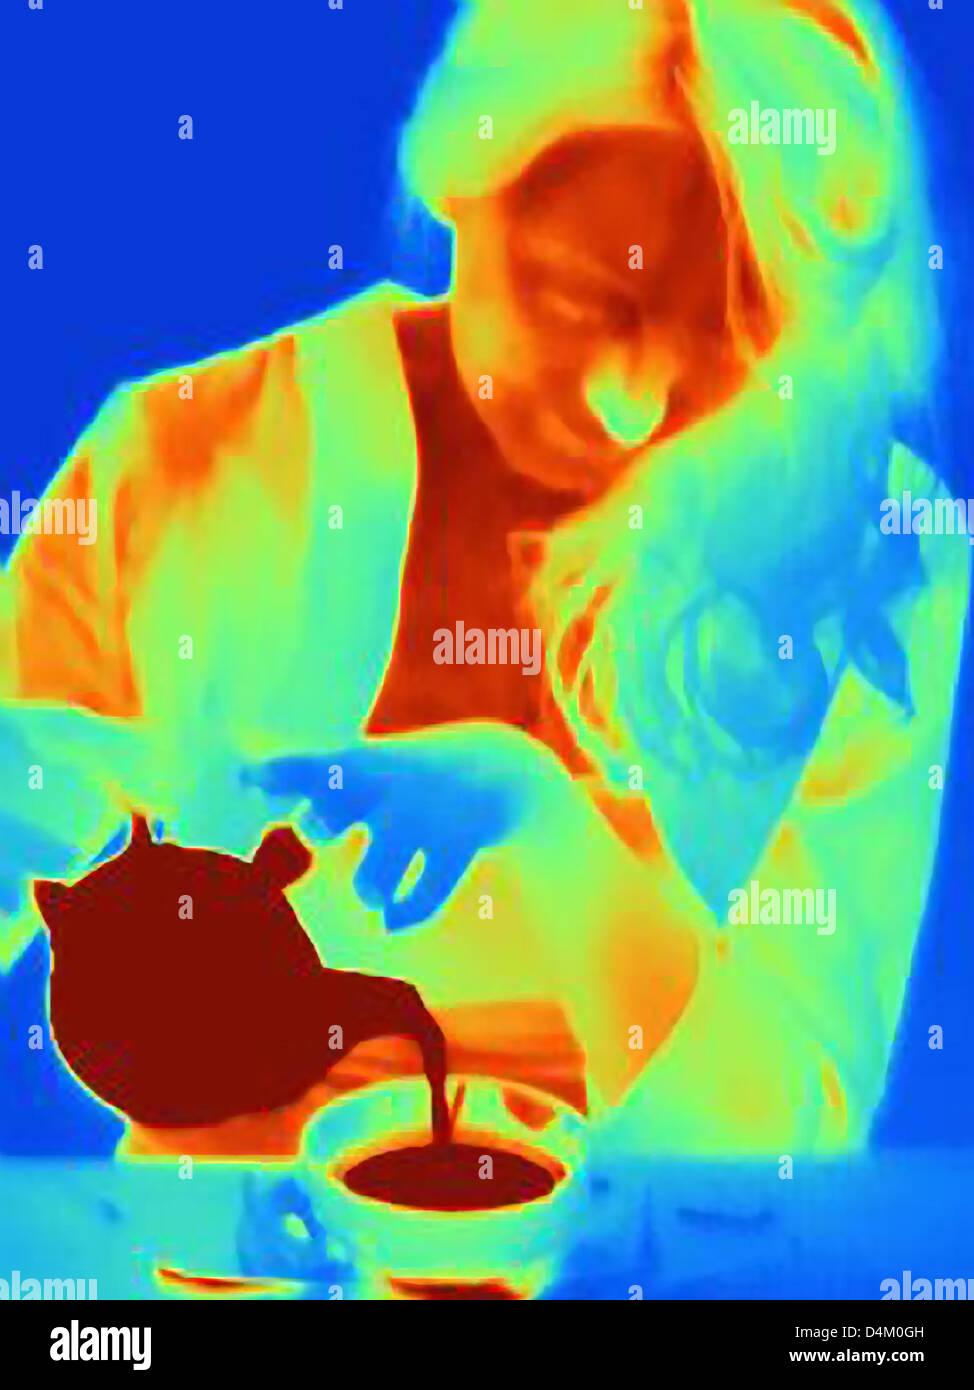 Image thermique d'une femme prenant le thé Photo Stock